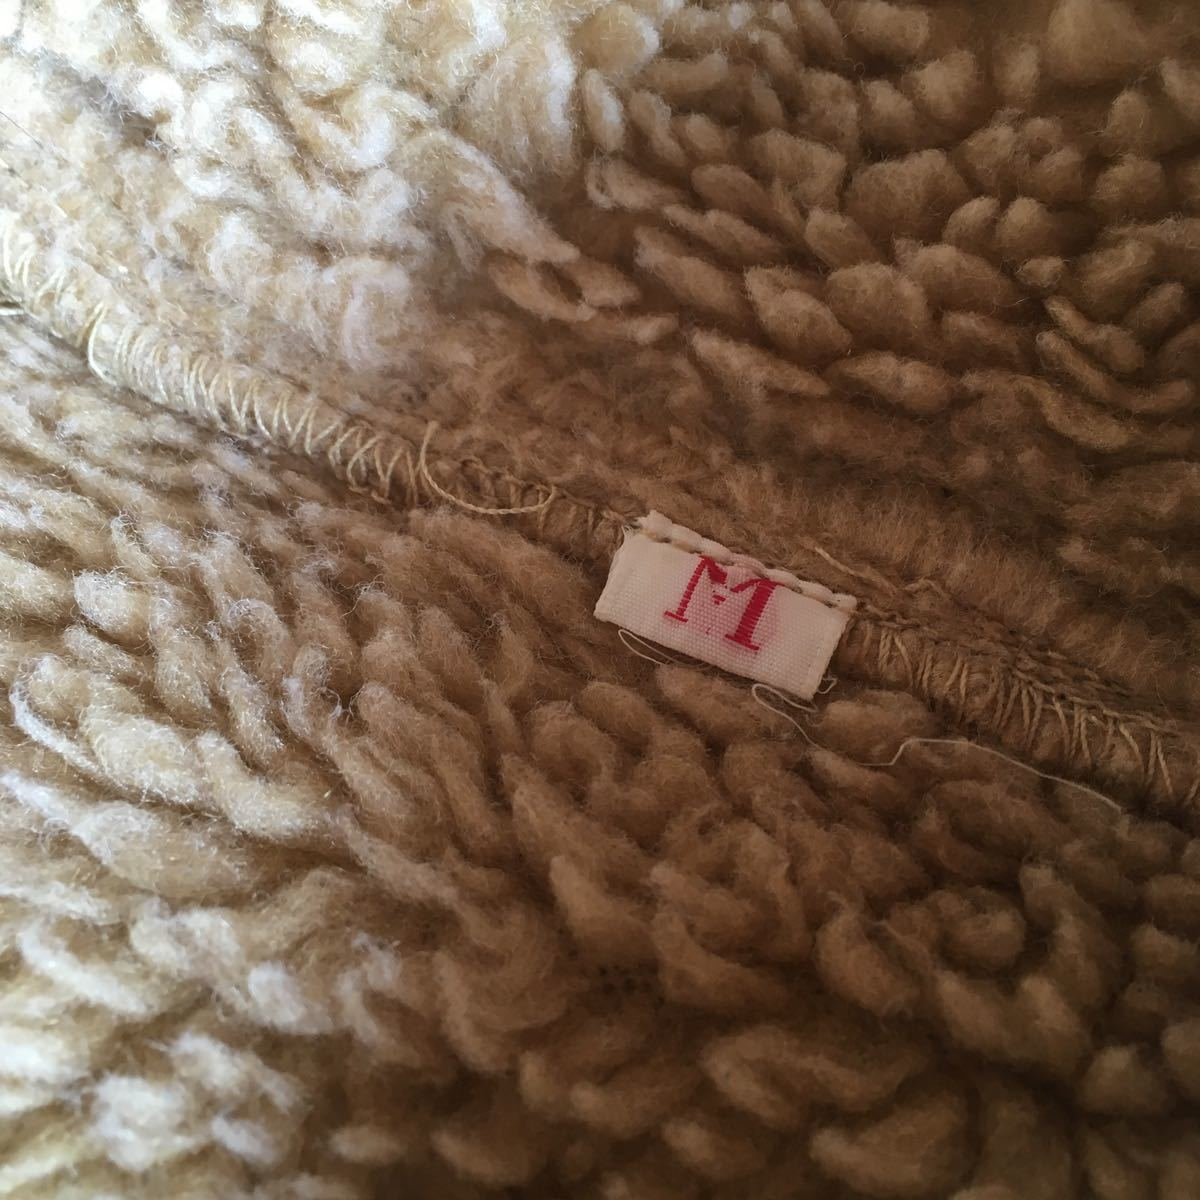 70s patagonia 白タグ パイル プルオーバー ジャケット ビンテージ オリジナル デカタグ vintage YKK / レトロ mars シュイナード サーフ_画像5